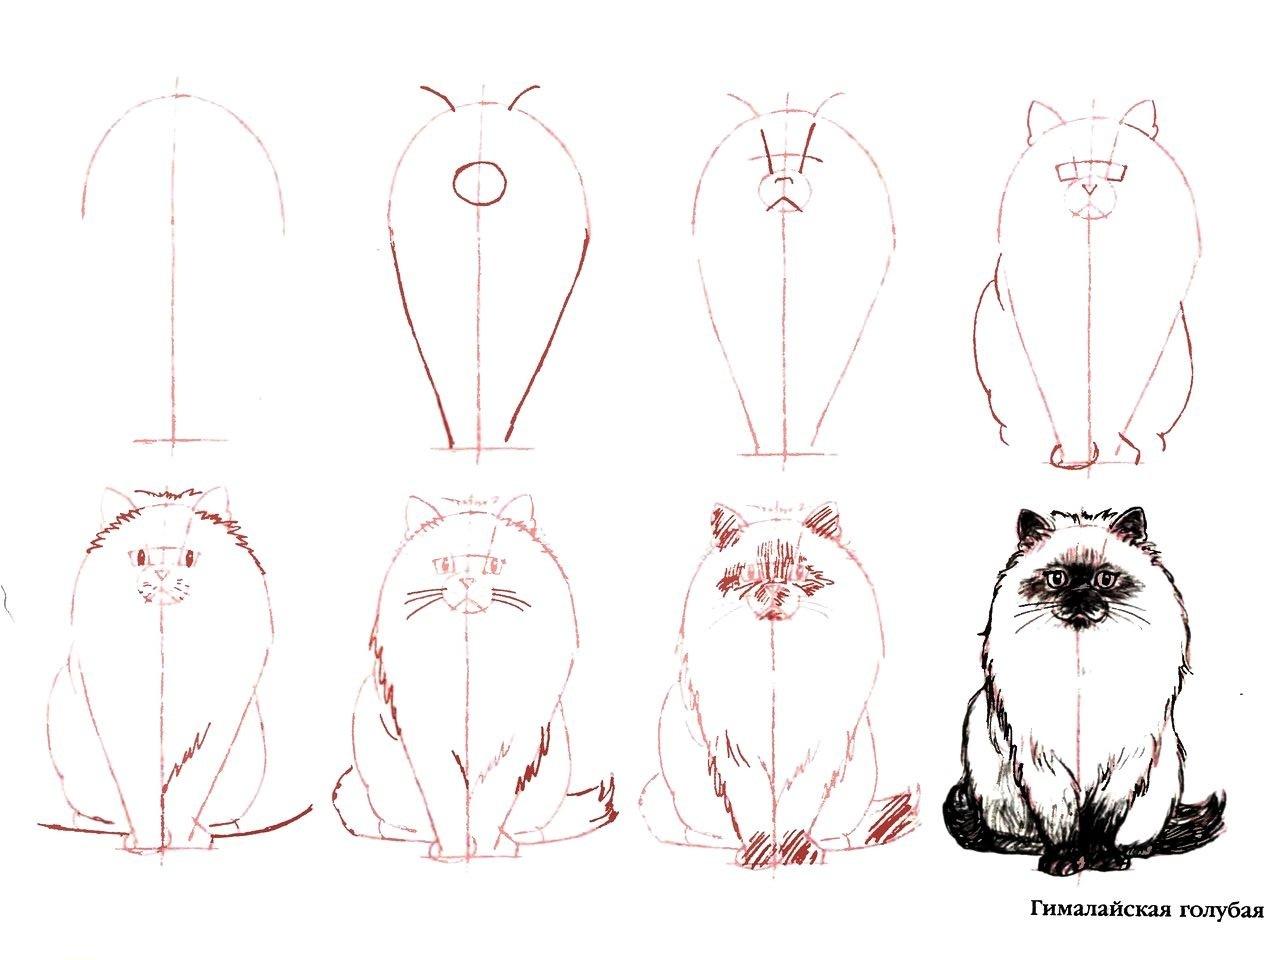 Трафареты кошек и котов для декора своими руками - Усатики 28